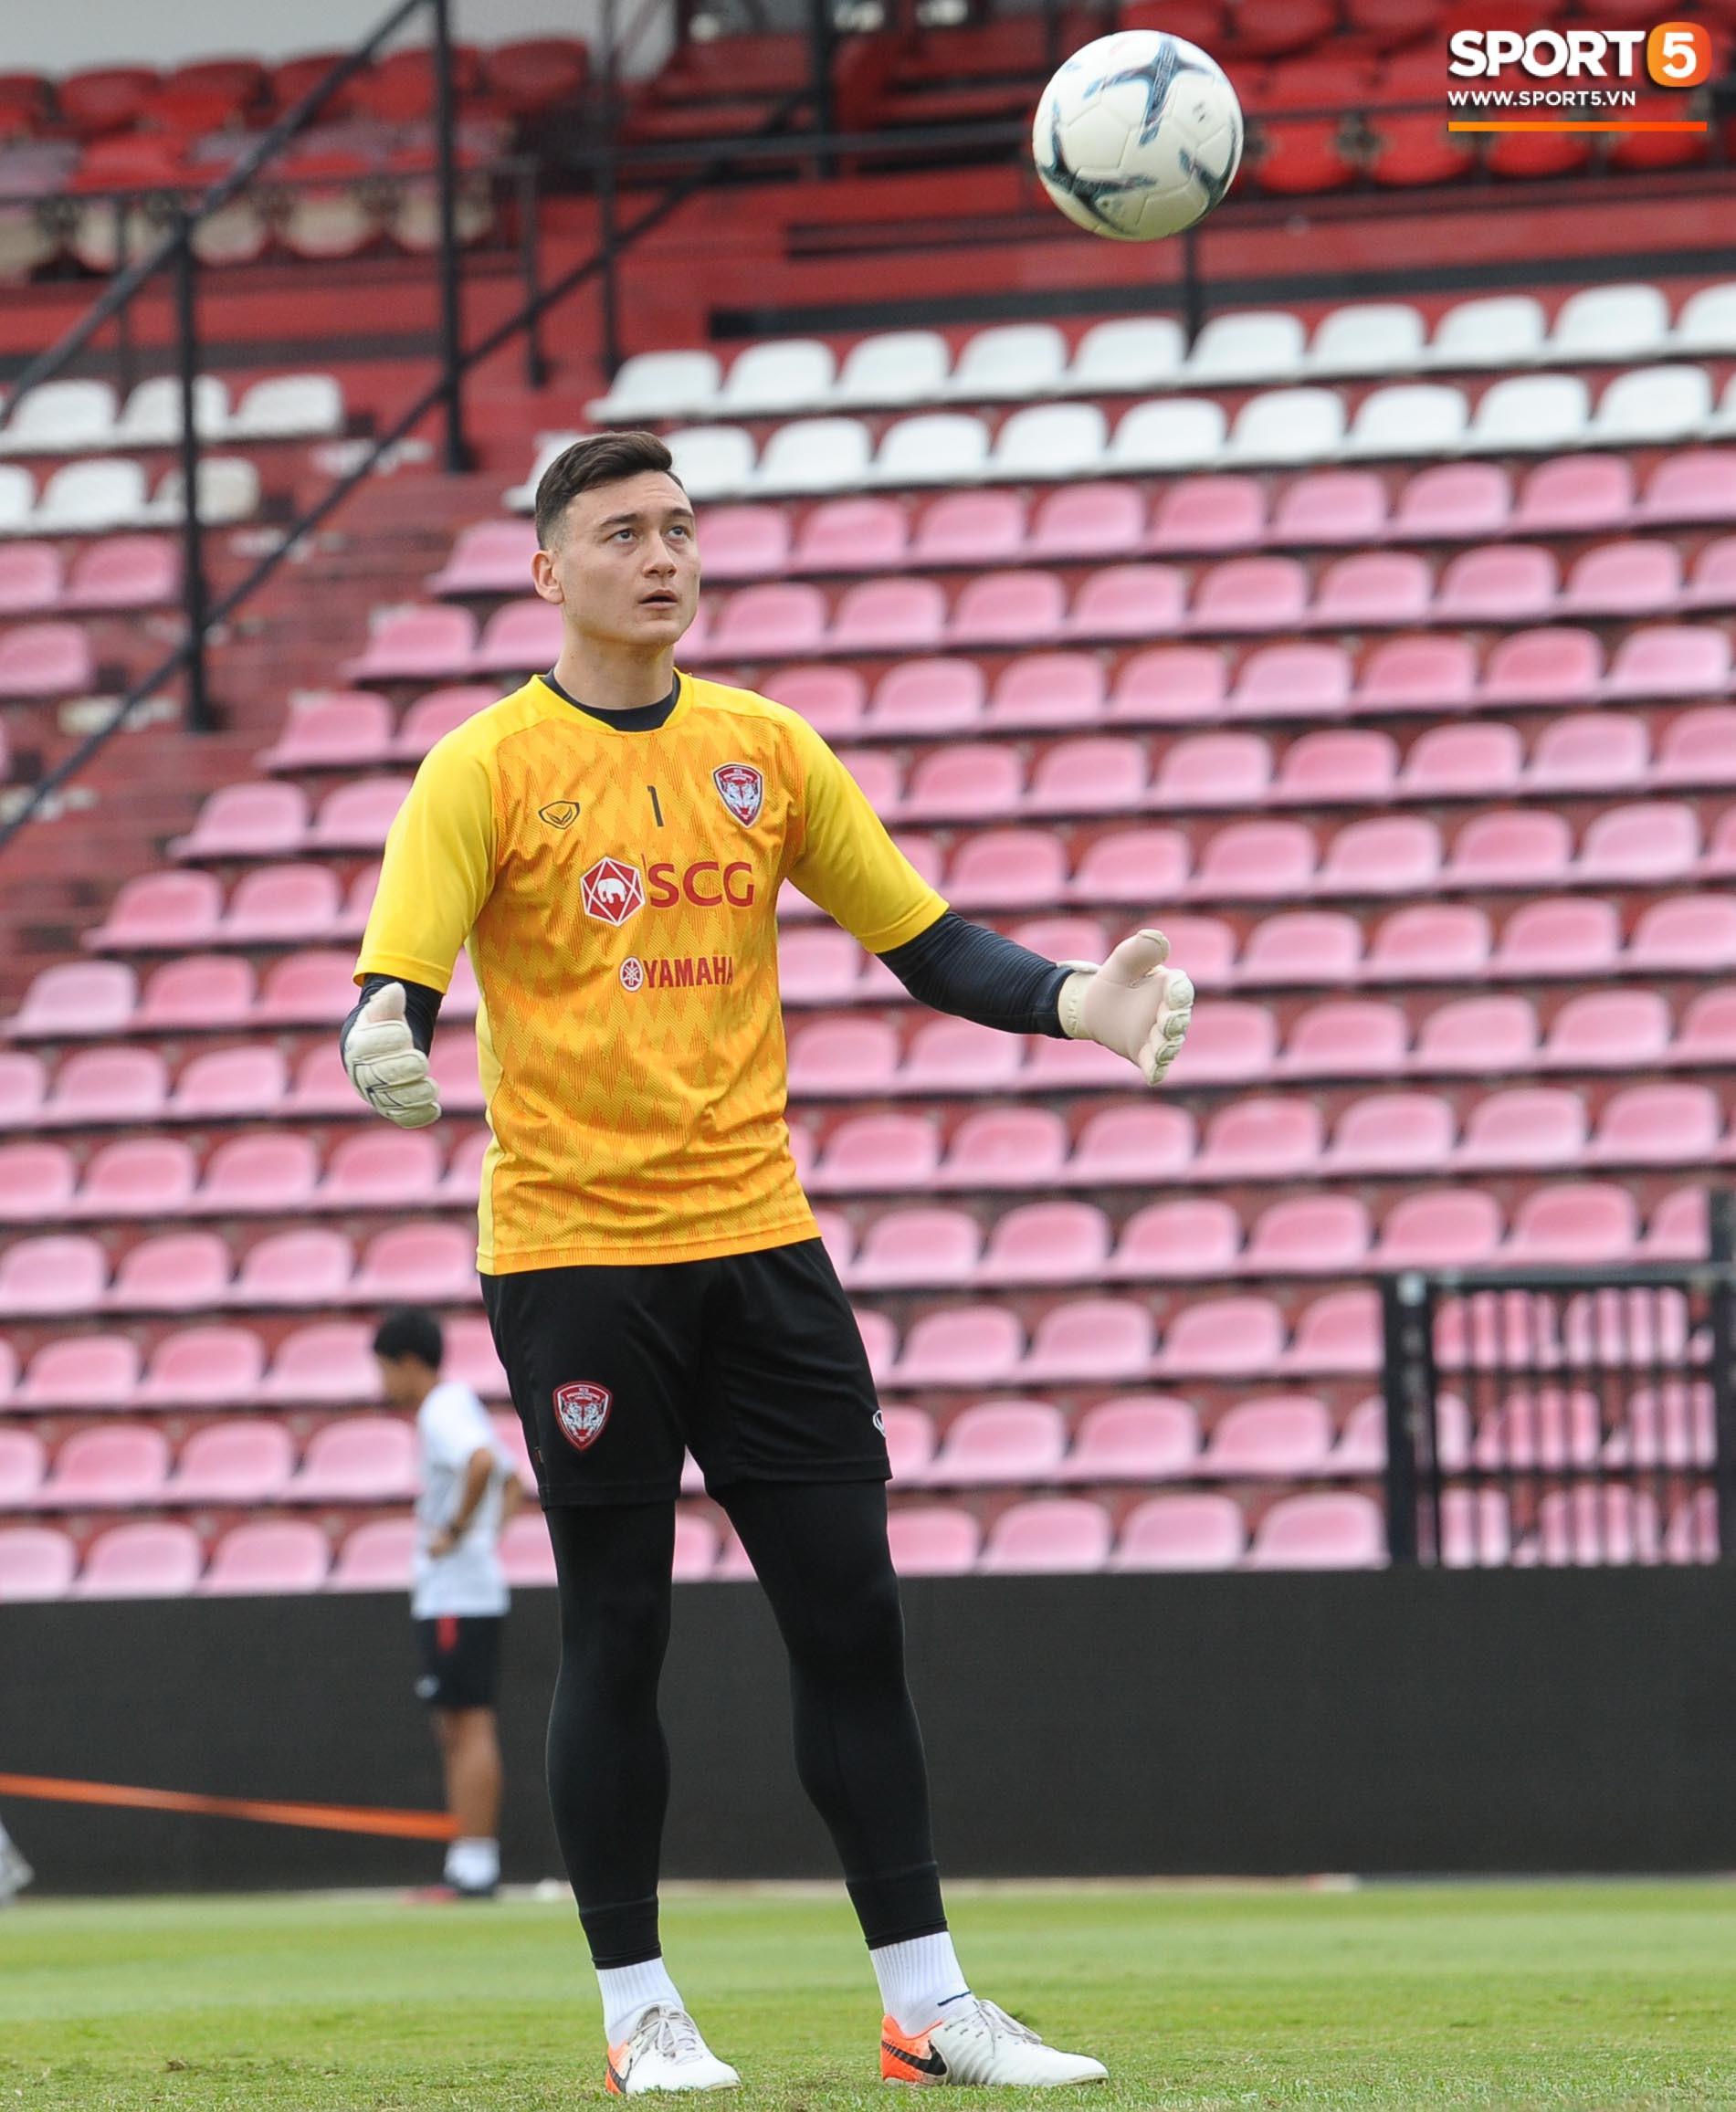 Đặng Văn Lâm tiết lộ đã thăm dò kỹ 2 tiền đạo Thái Lan, sẵn sàng gieo sầu cho chủ nhà tại Kings Cup 2019 - Ảnh 2.